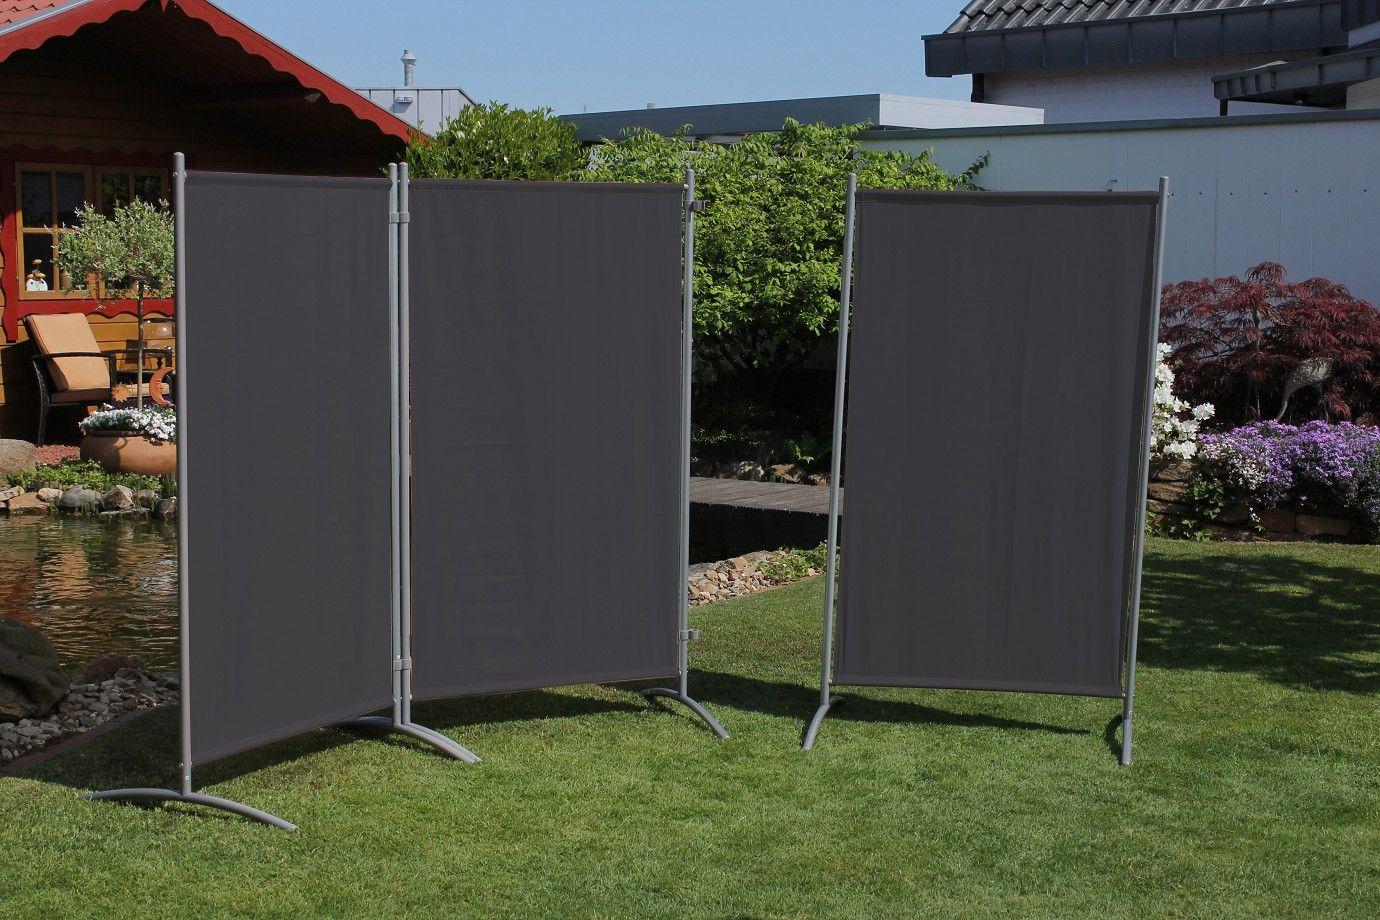 Einfach Eine Edle Stellwand Garten Sichtschutz Sonnenschutz Markise Diy Vetrate